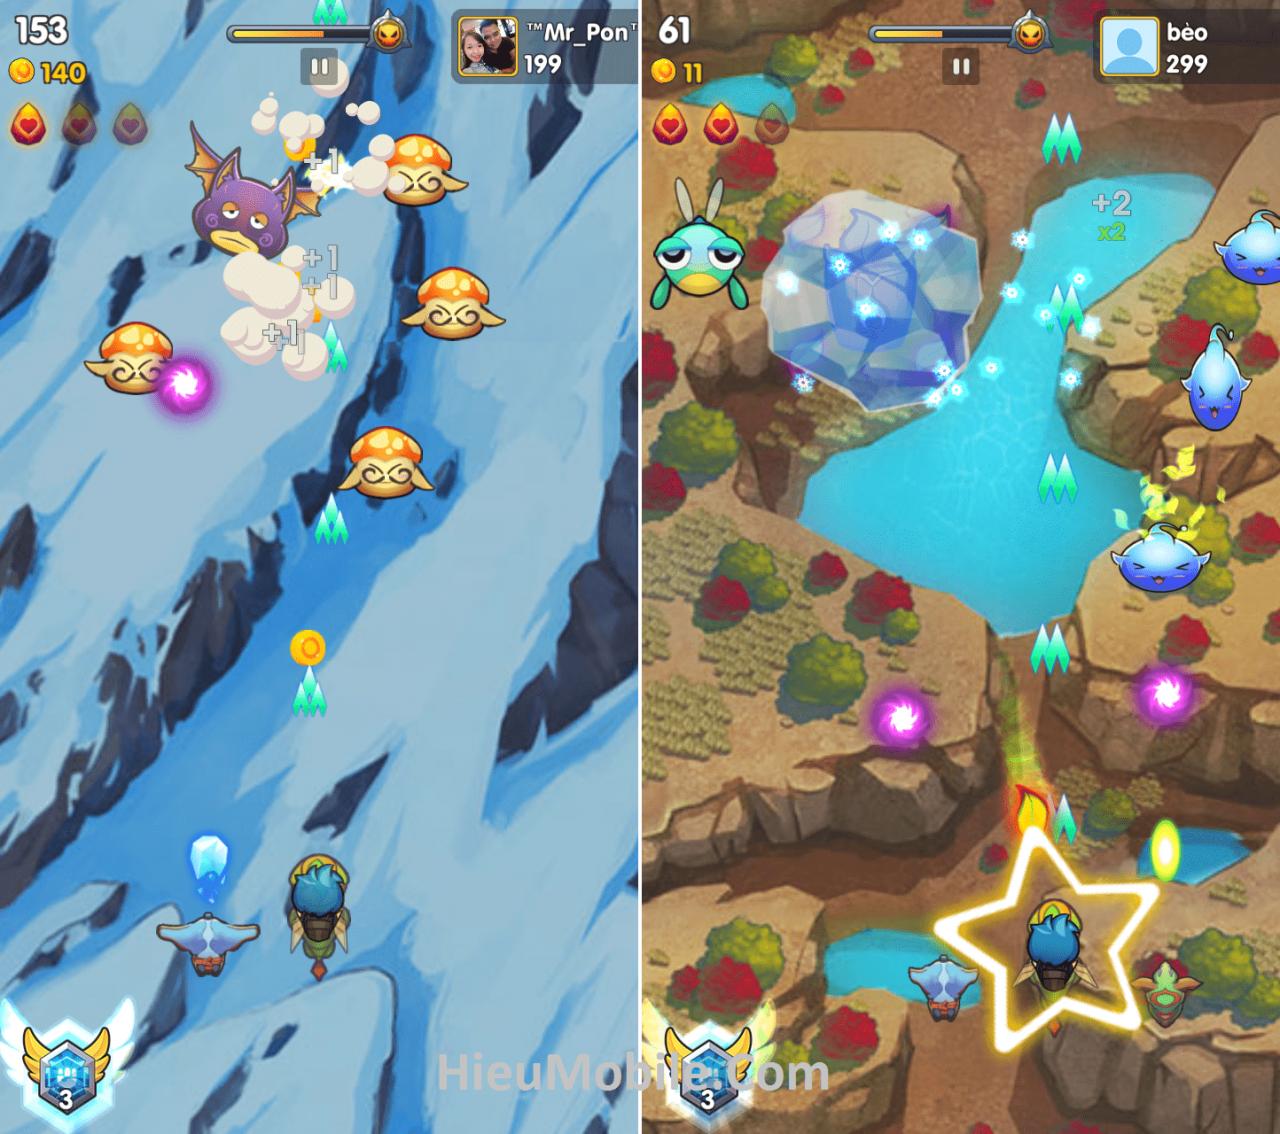 Hình ảnh ABMiJgW của Tải game Phi Đội Mobile - Bay bắn thú cưng hấp dẫn tại HieuMobile